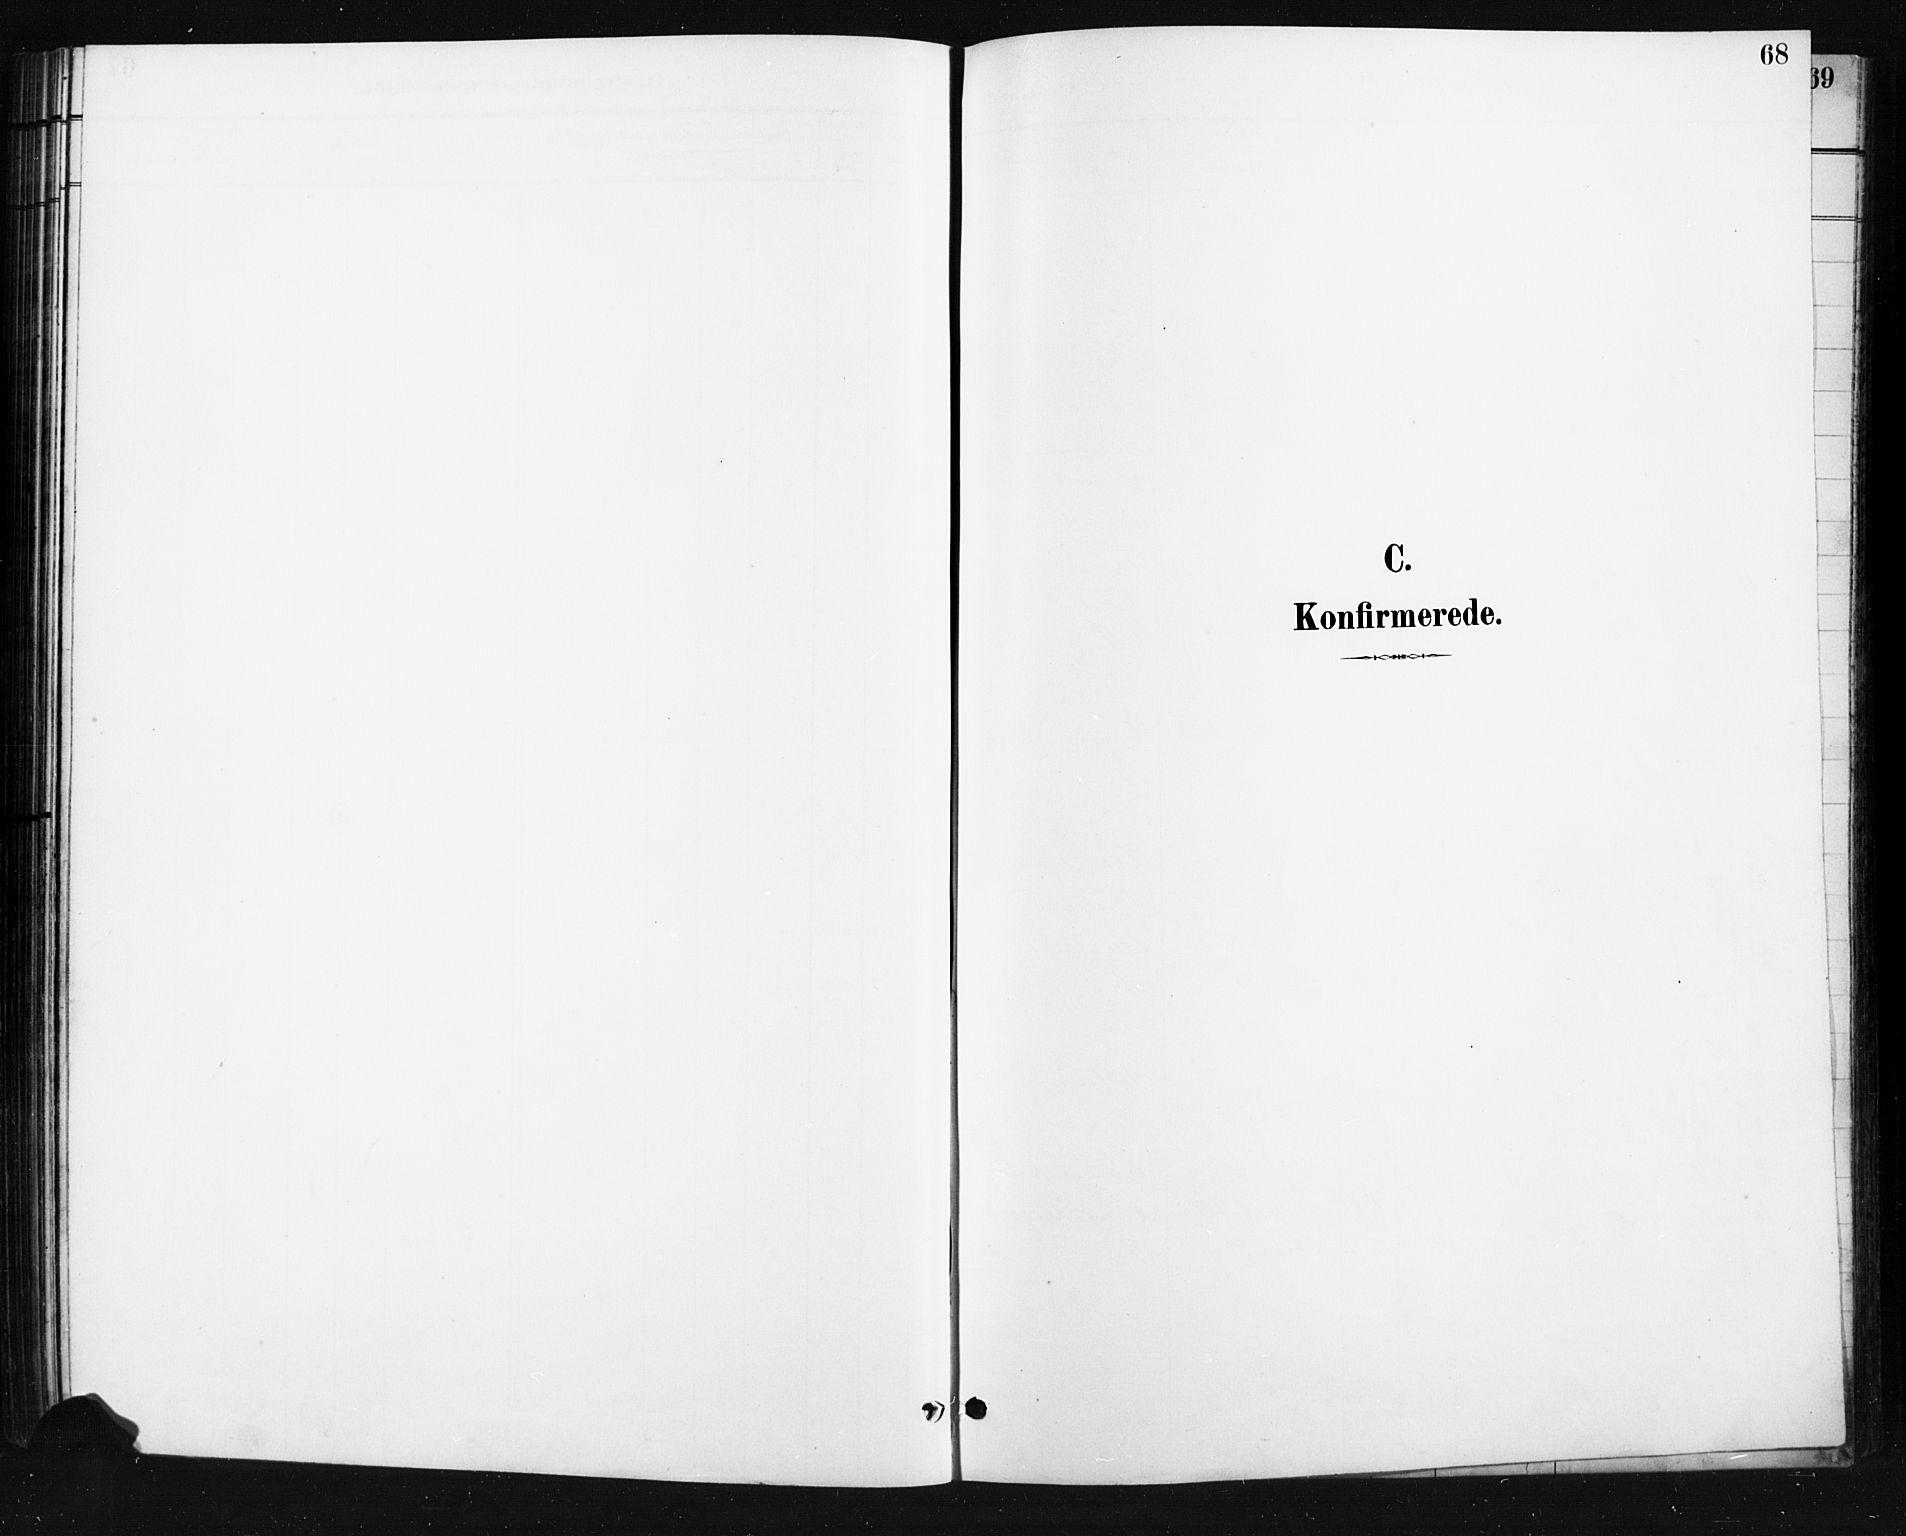 Bilde av kirkebokside